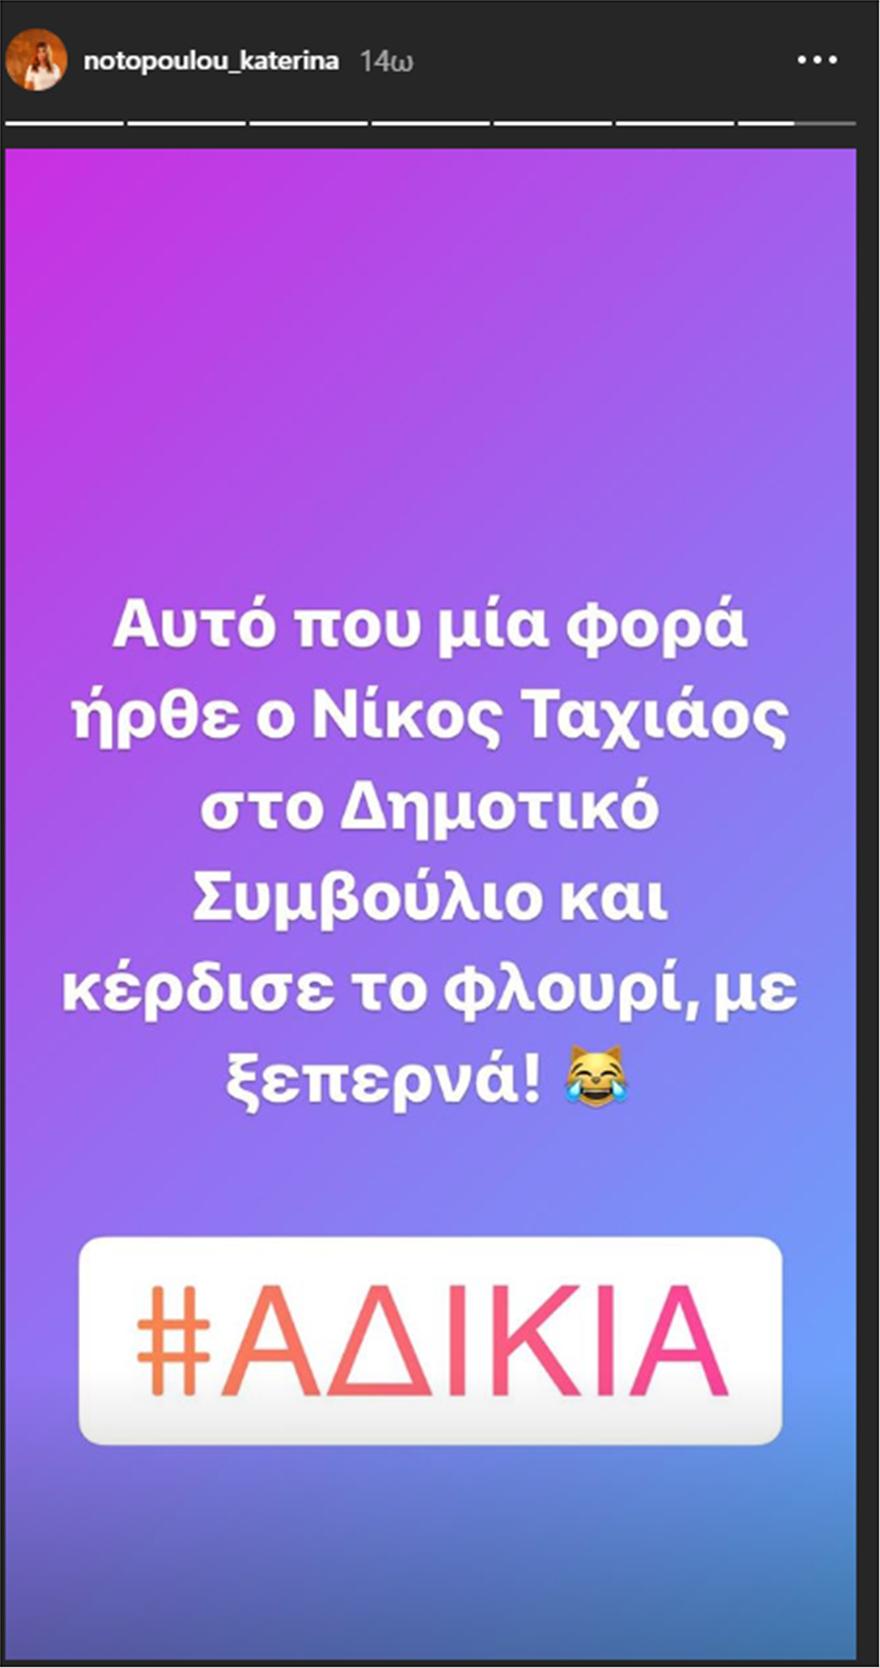 taxiaoss